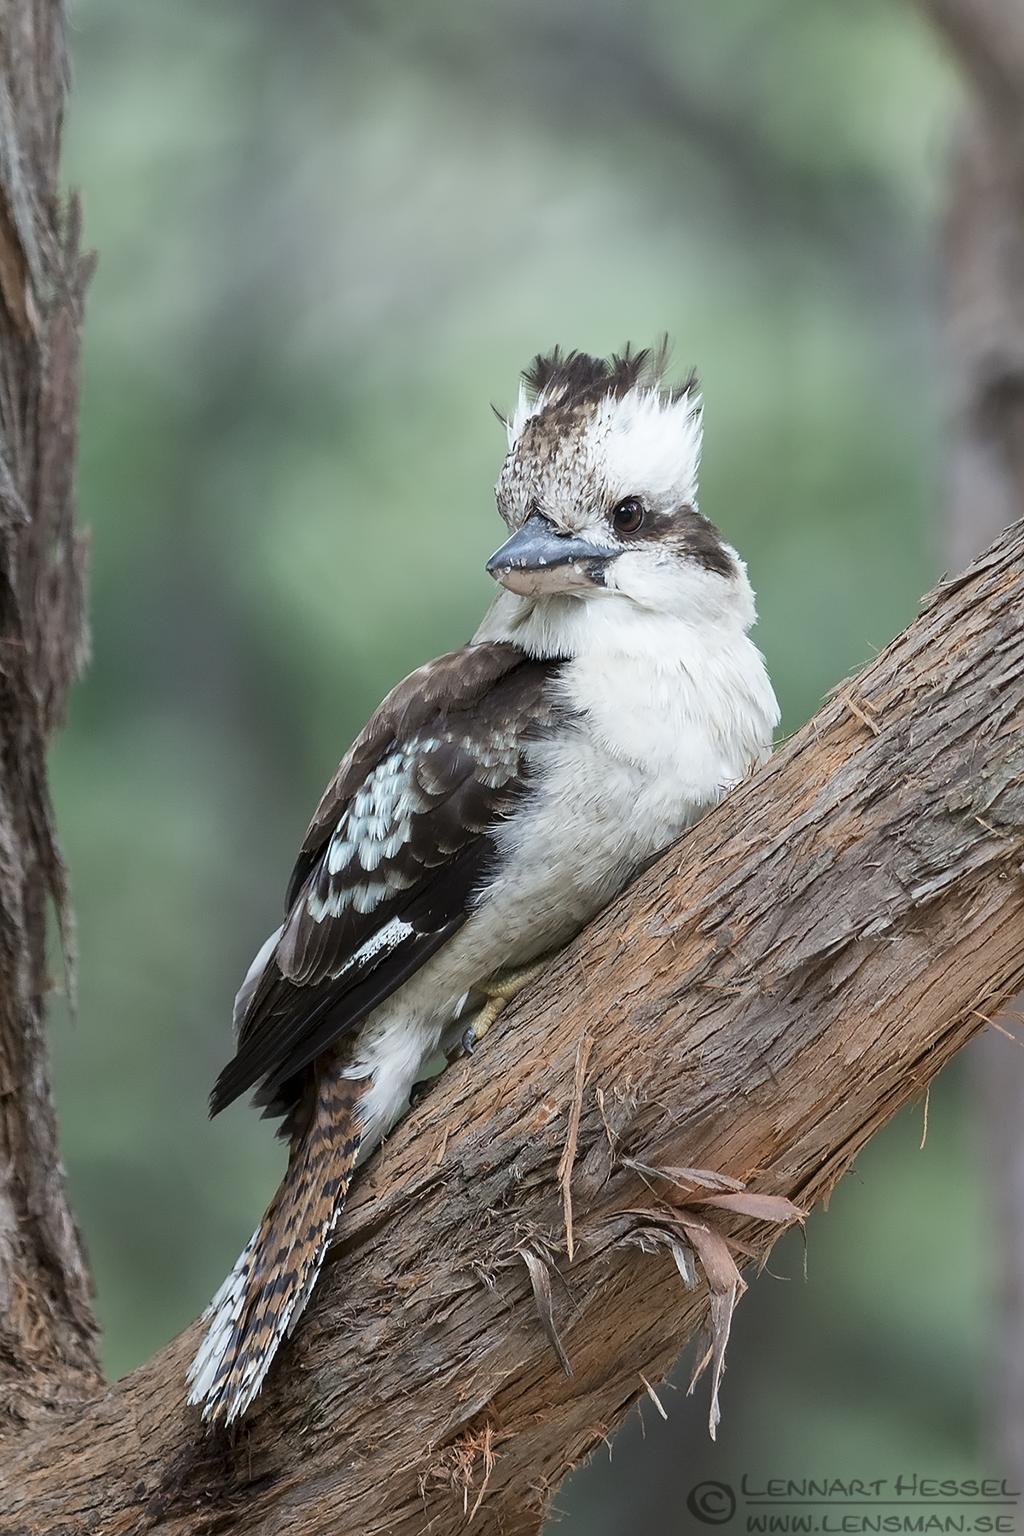 Laughing Kookaburra Hobart Waterworks Tasmania